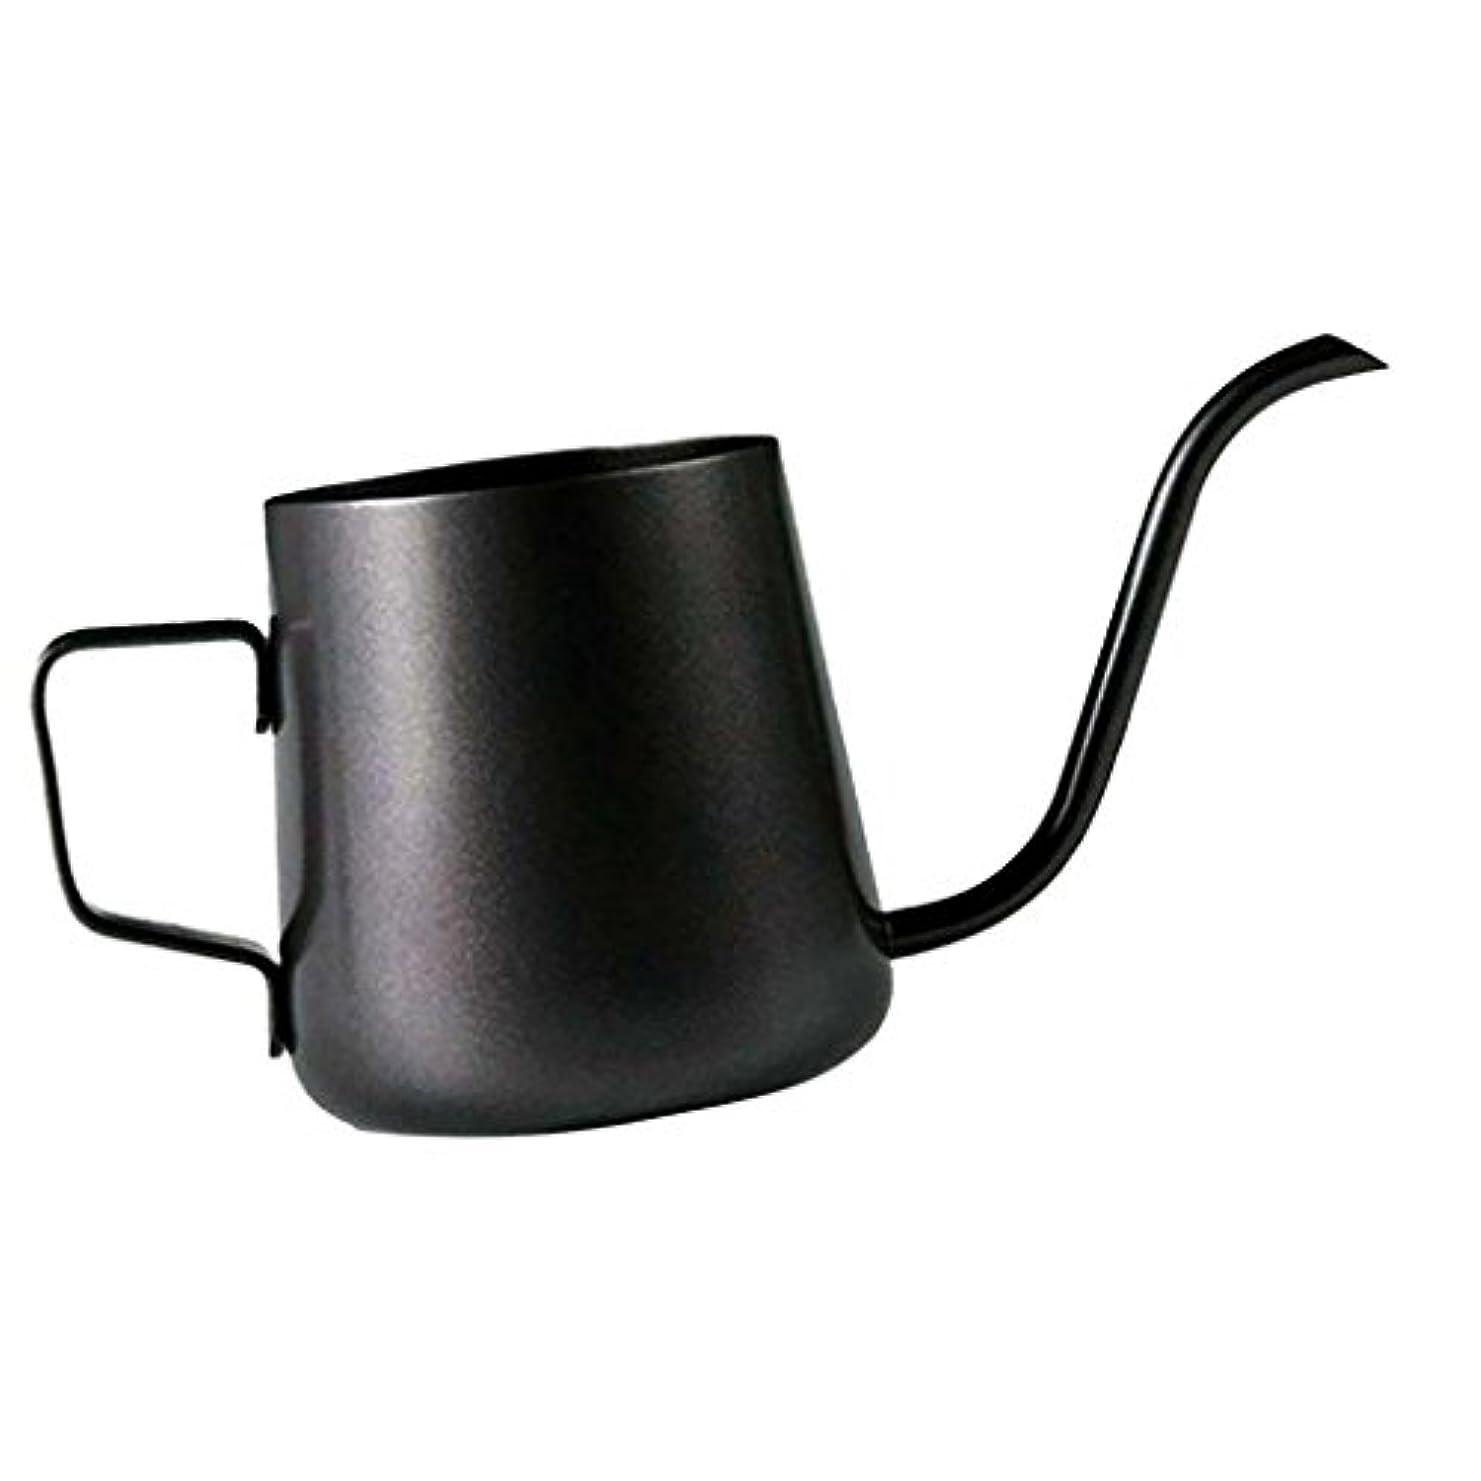 尽きるポーター公平Homeland コーヒーポット お茶などにも対応 クッキング用品 ステンレス製 エスプレッソポット ケトル - ブラック, 250ミリリットル